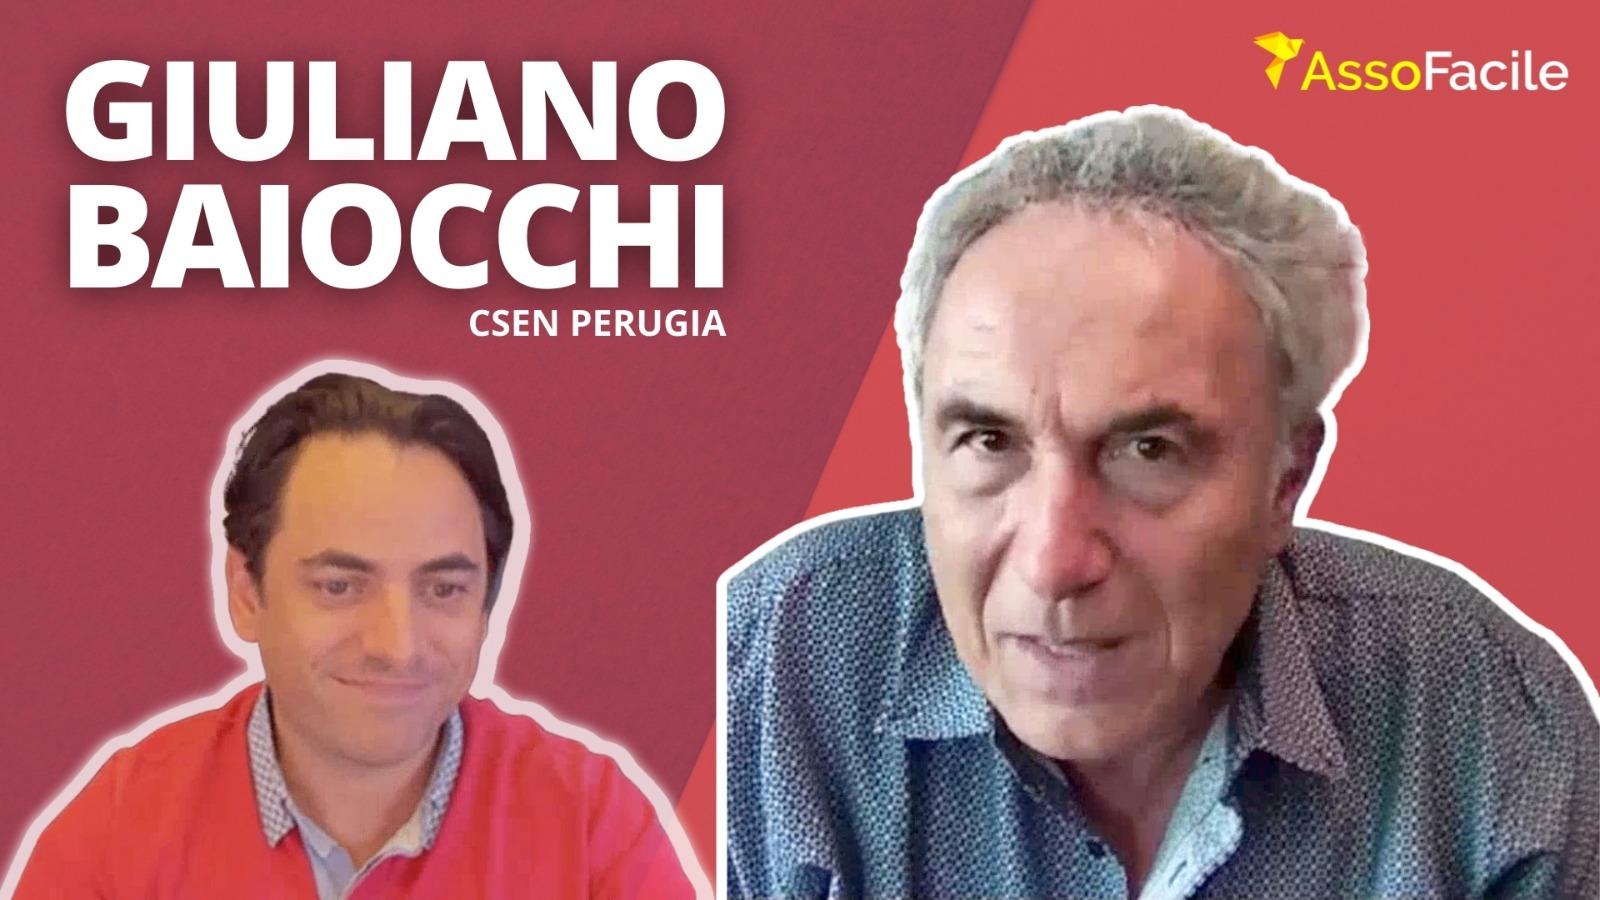 CSEN Perugia. Il futuro dello sport associazionistico italiano tra ripartenza e nuove tecnologie